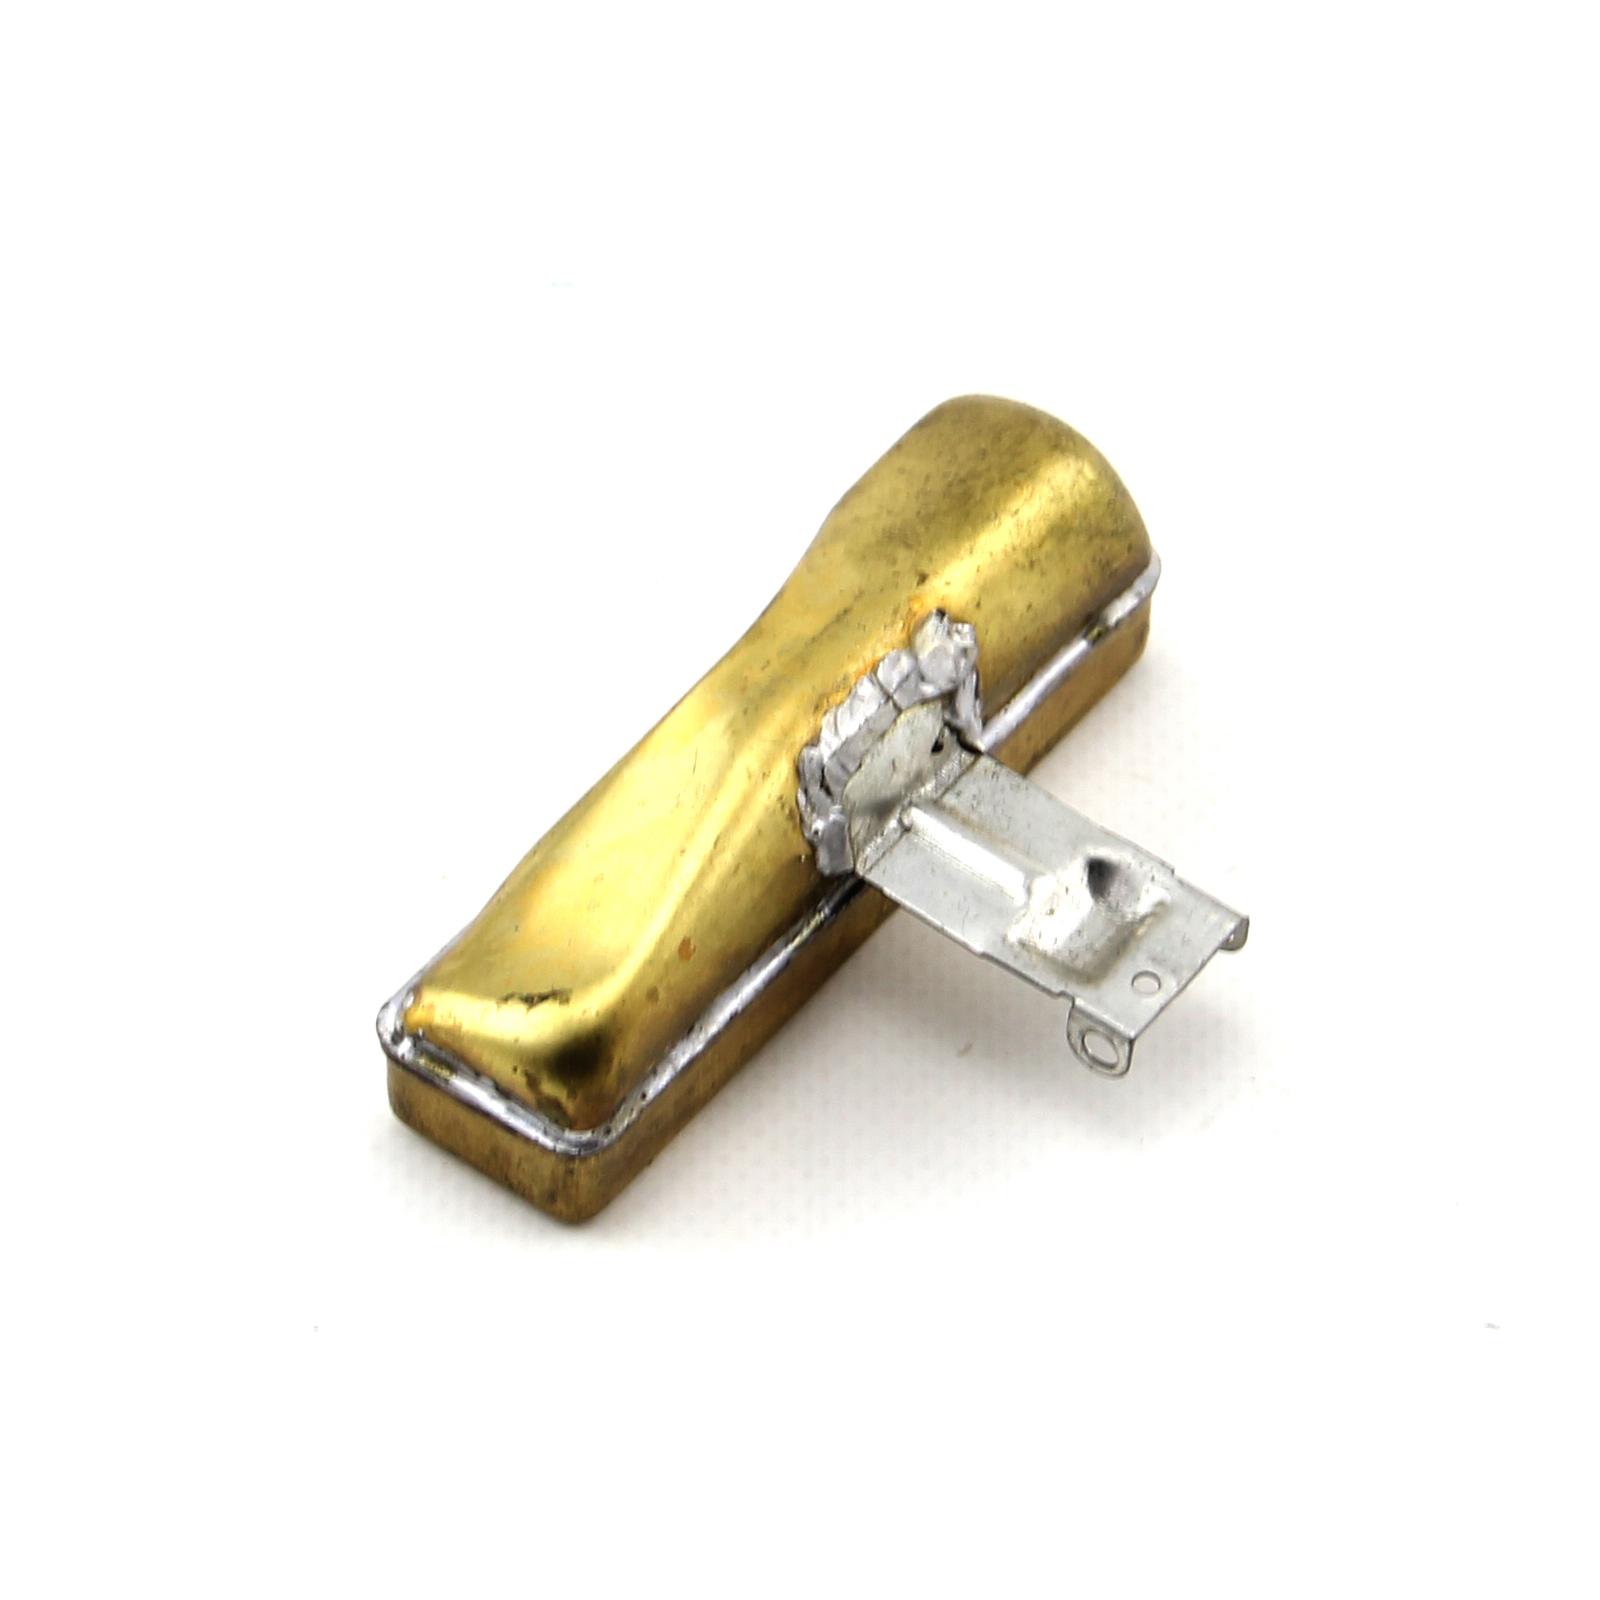 Carburetor Center Hung Fuel Float (Brass)